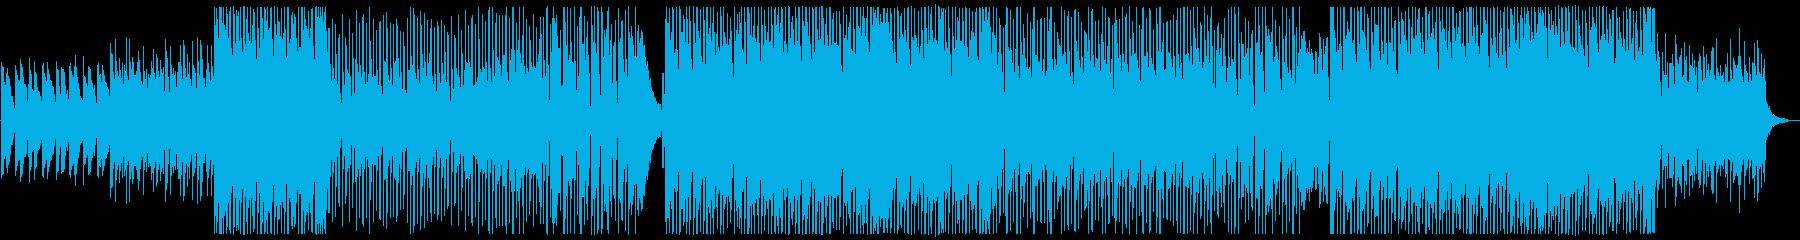 元気な4つ打ちポップロックの再生済みの波形